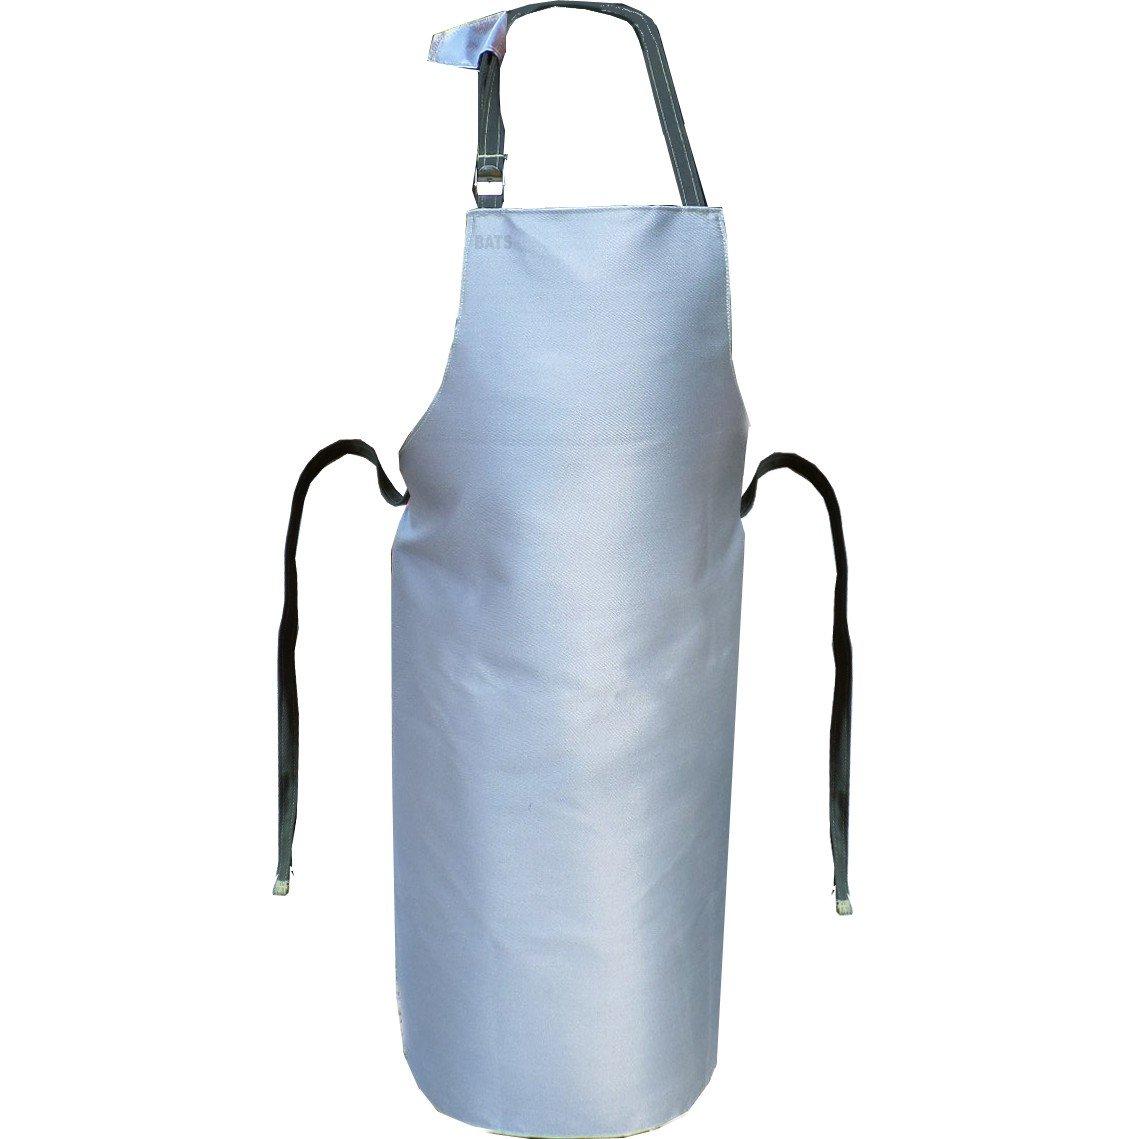 Tablier de soudure synthétique 600°C - Léger - ARC PROTEC